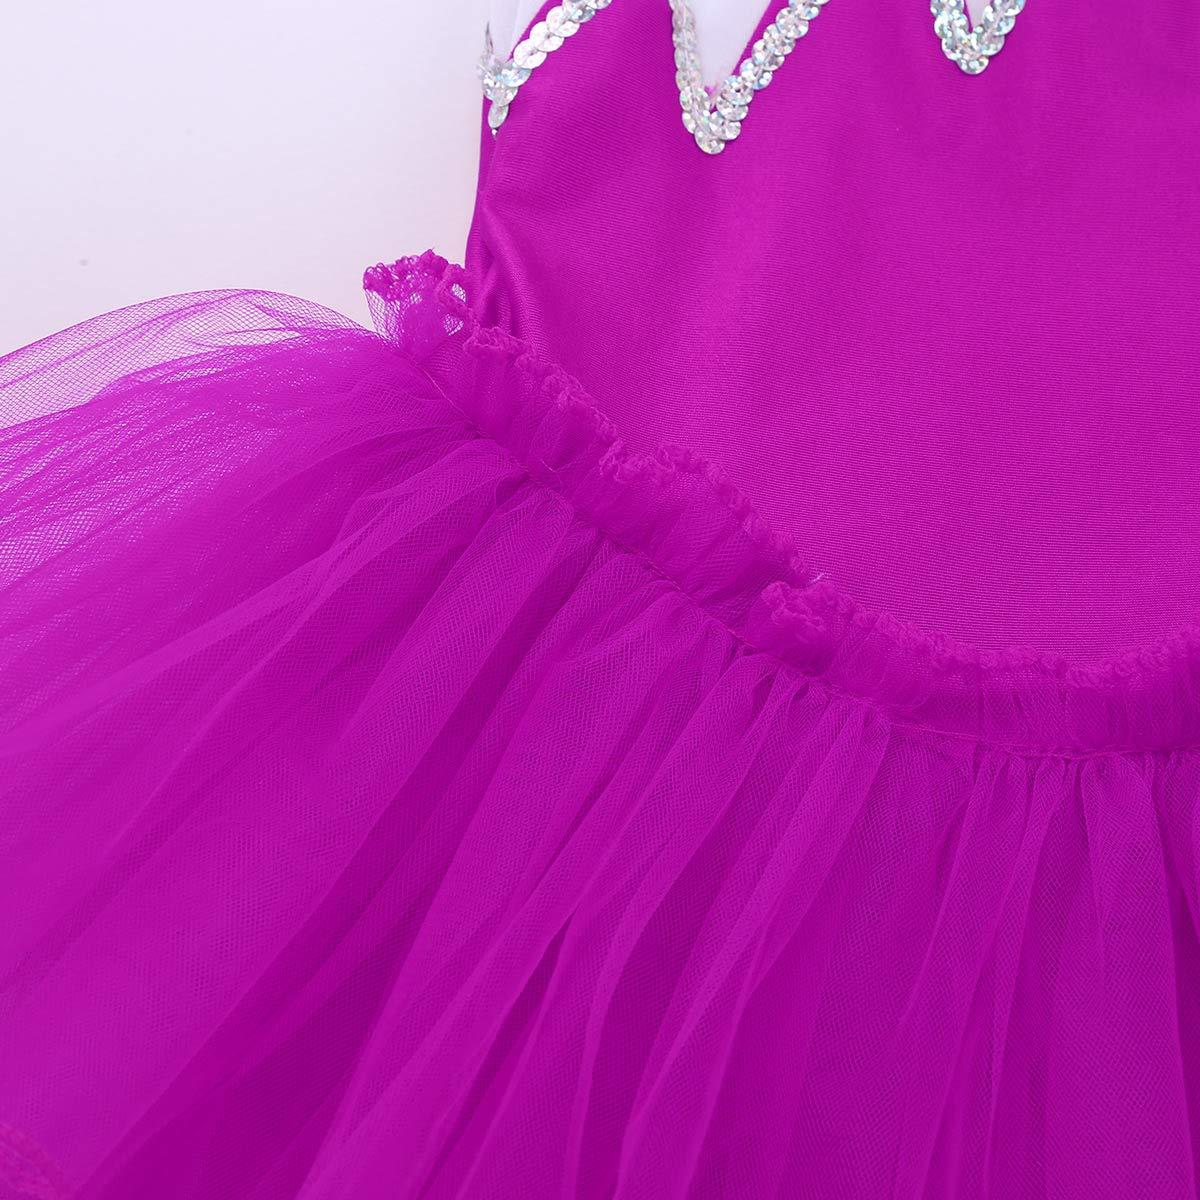 iiniim Girls Kids Princess Ballet Dance Tutu Dress Leotard Skirt Costumes